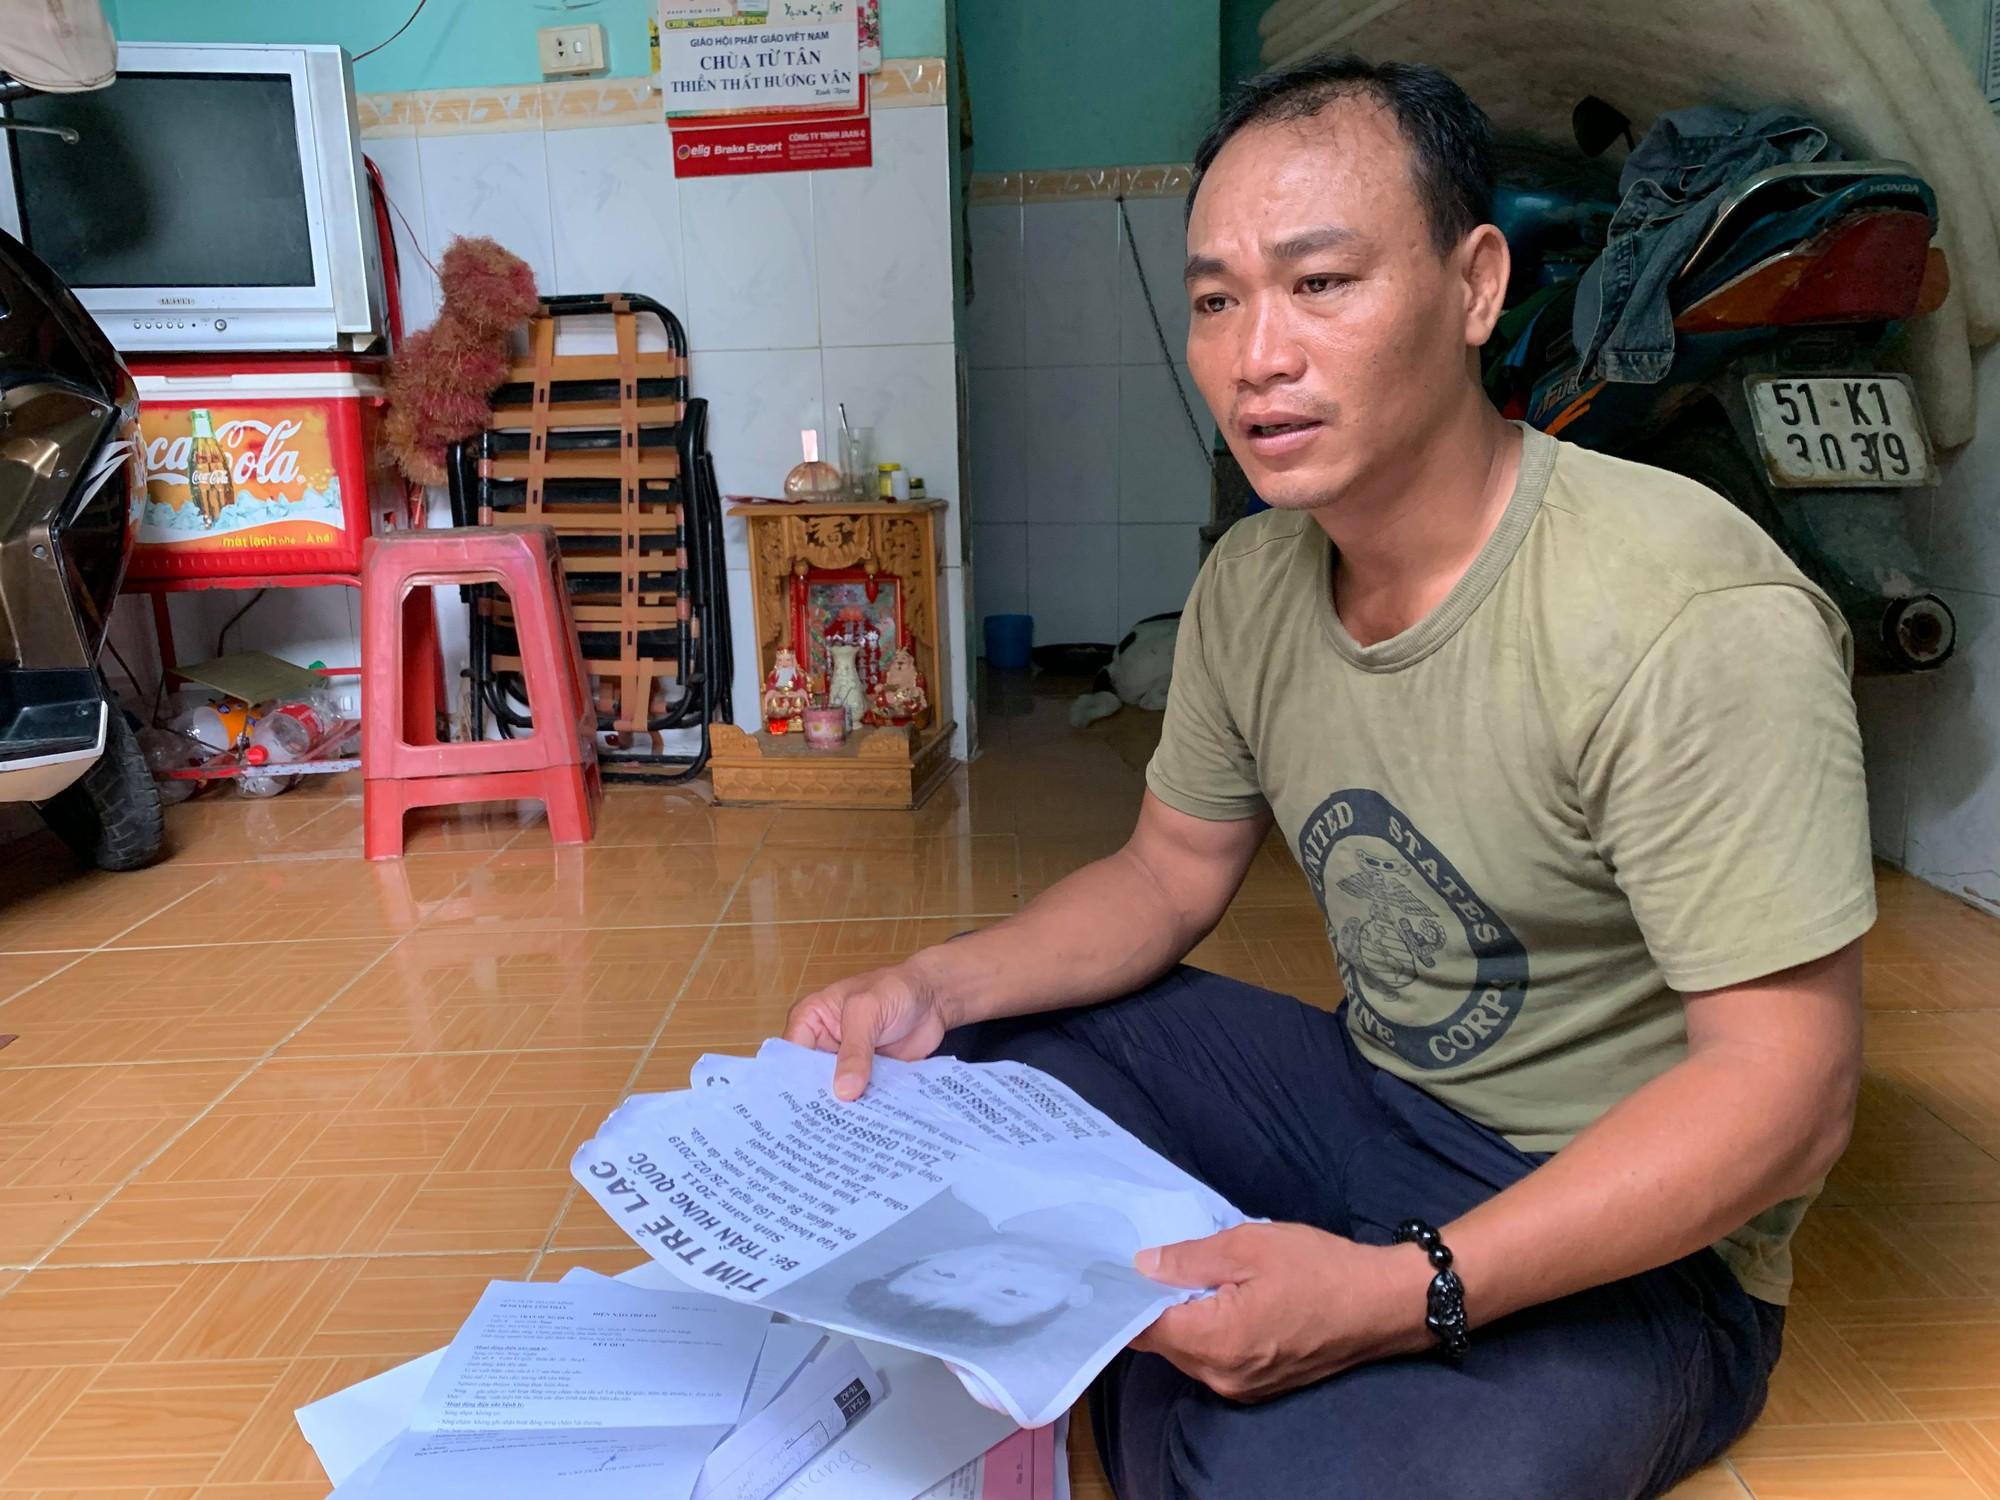 Để con trai 8 tuổi ở nhà một mình, người cha ở Sài Gòn hối hận vì bé mất tích bí ẩn suốt nhiều tháng-2